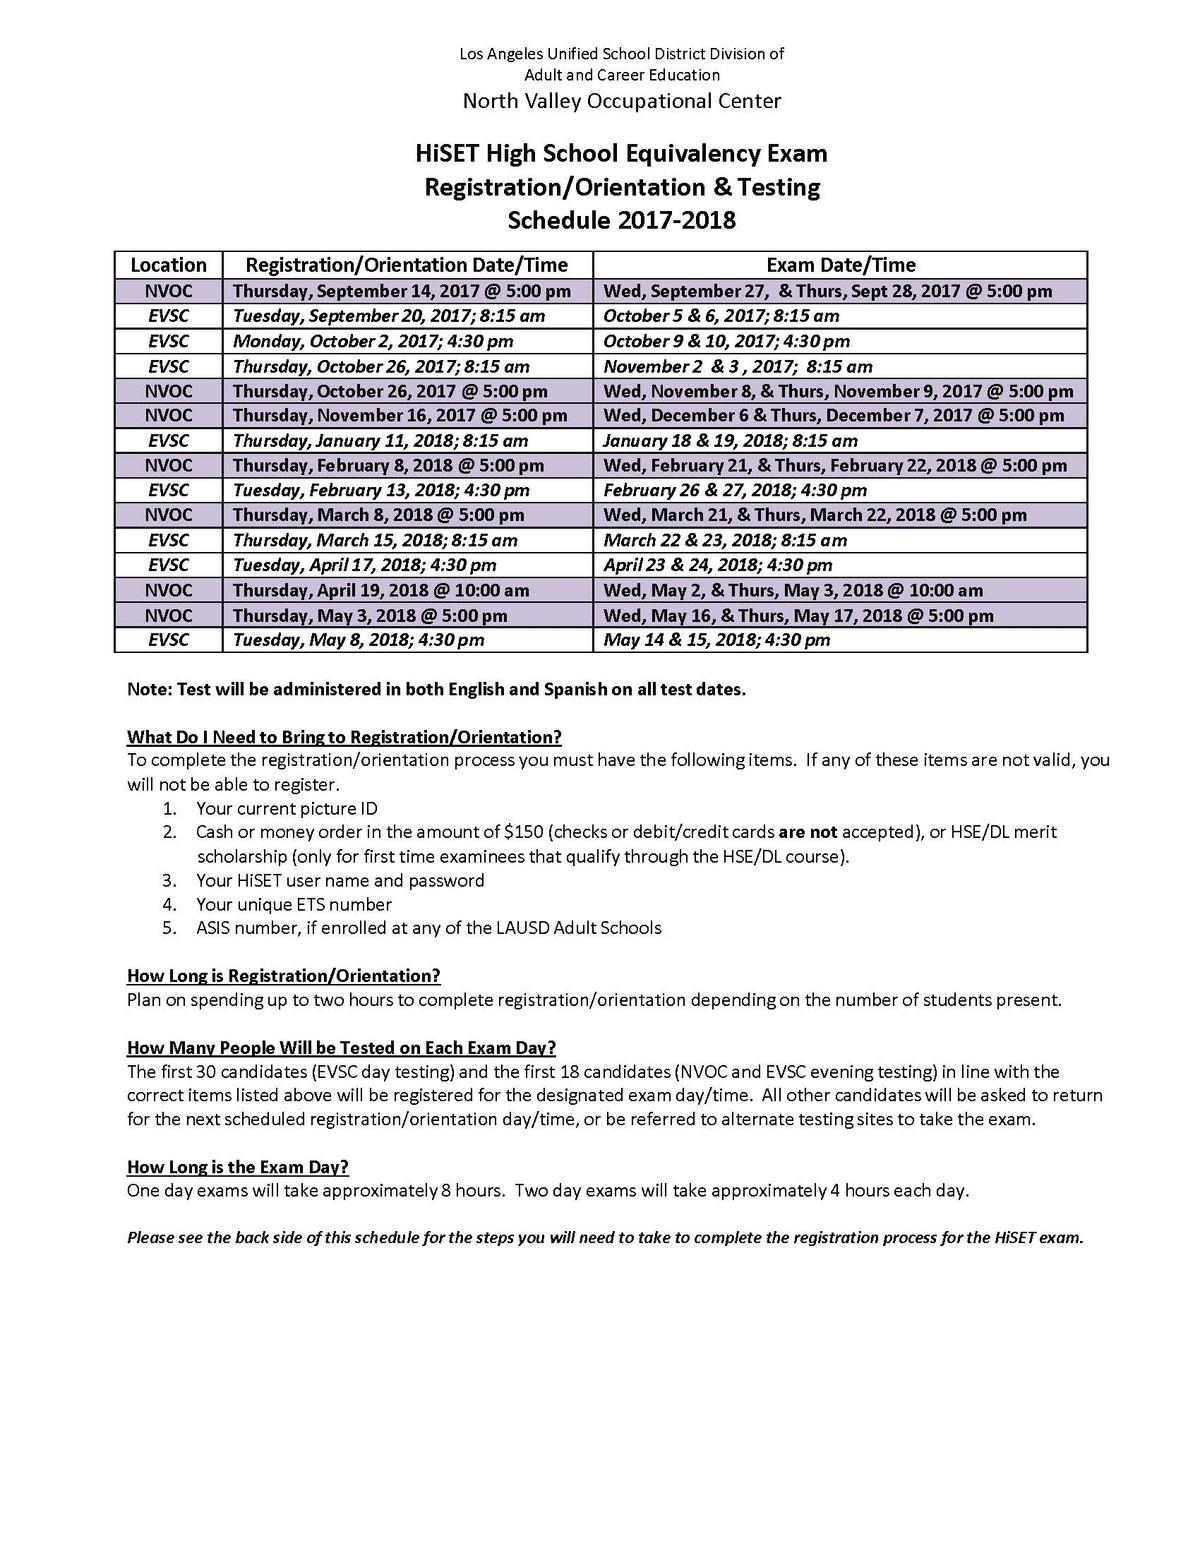 HiSet Test Schedule 2017-18